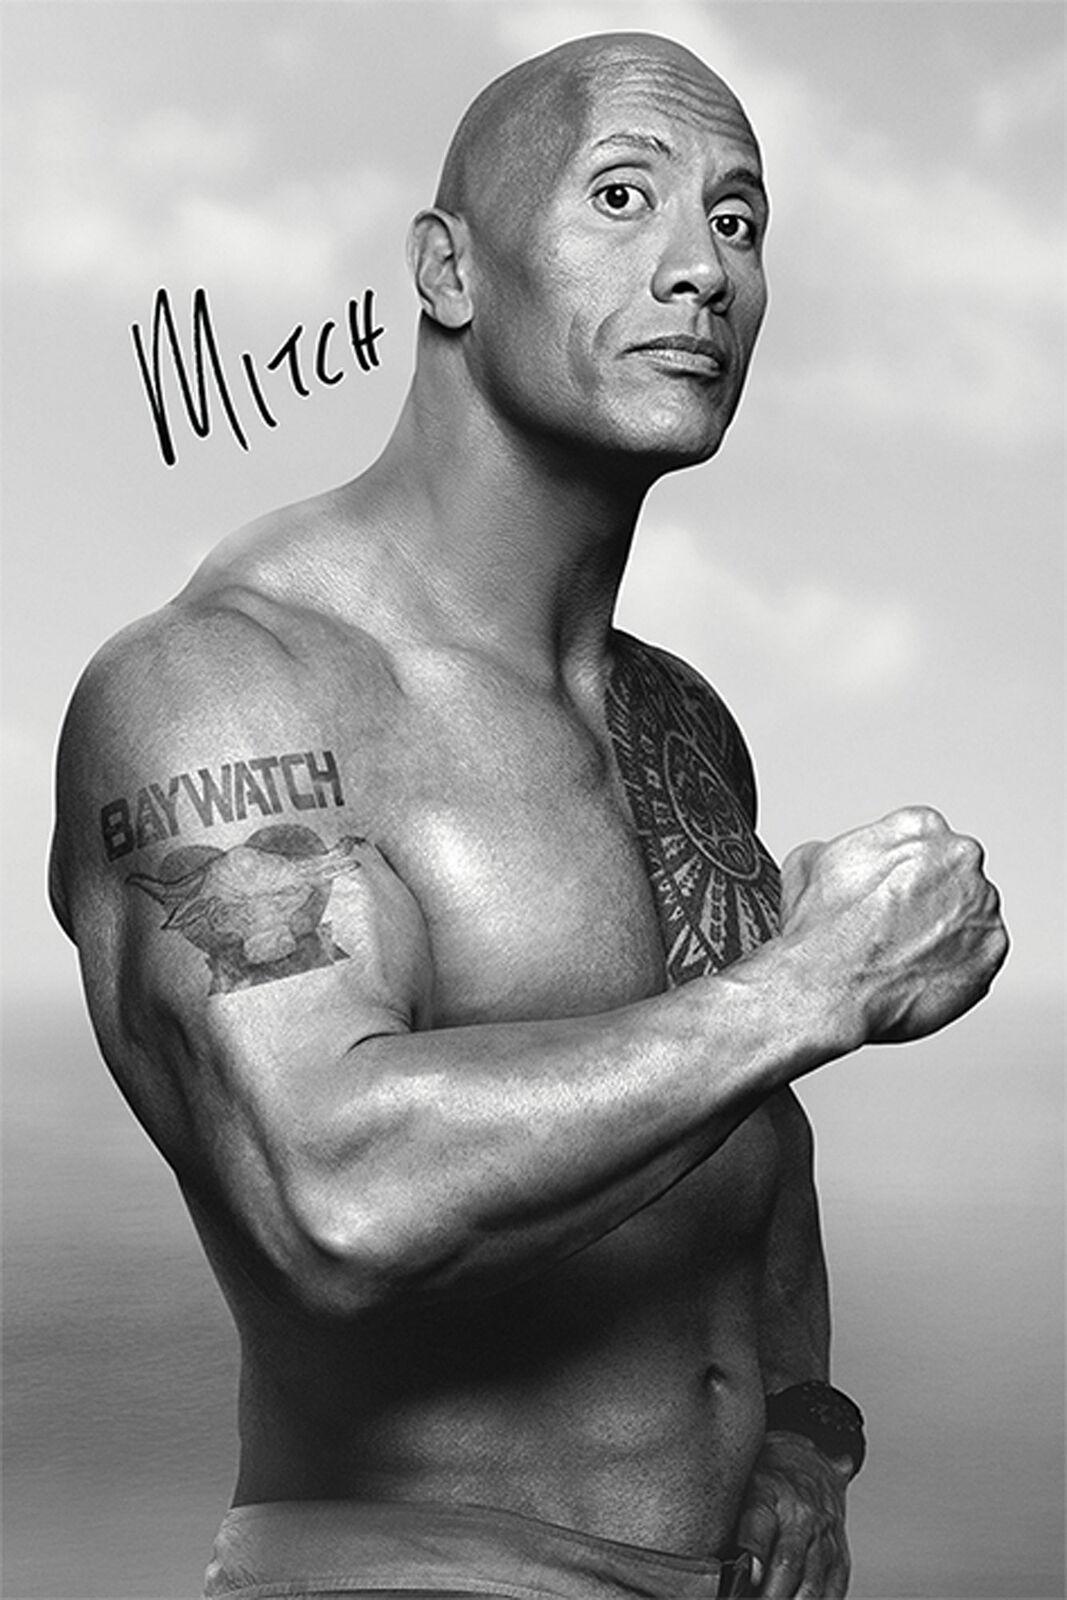 Baywatch - Mitch - Film Kino TV Action Komödie Poster - Größe 61x91,5 cm